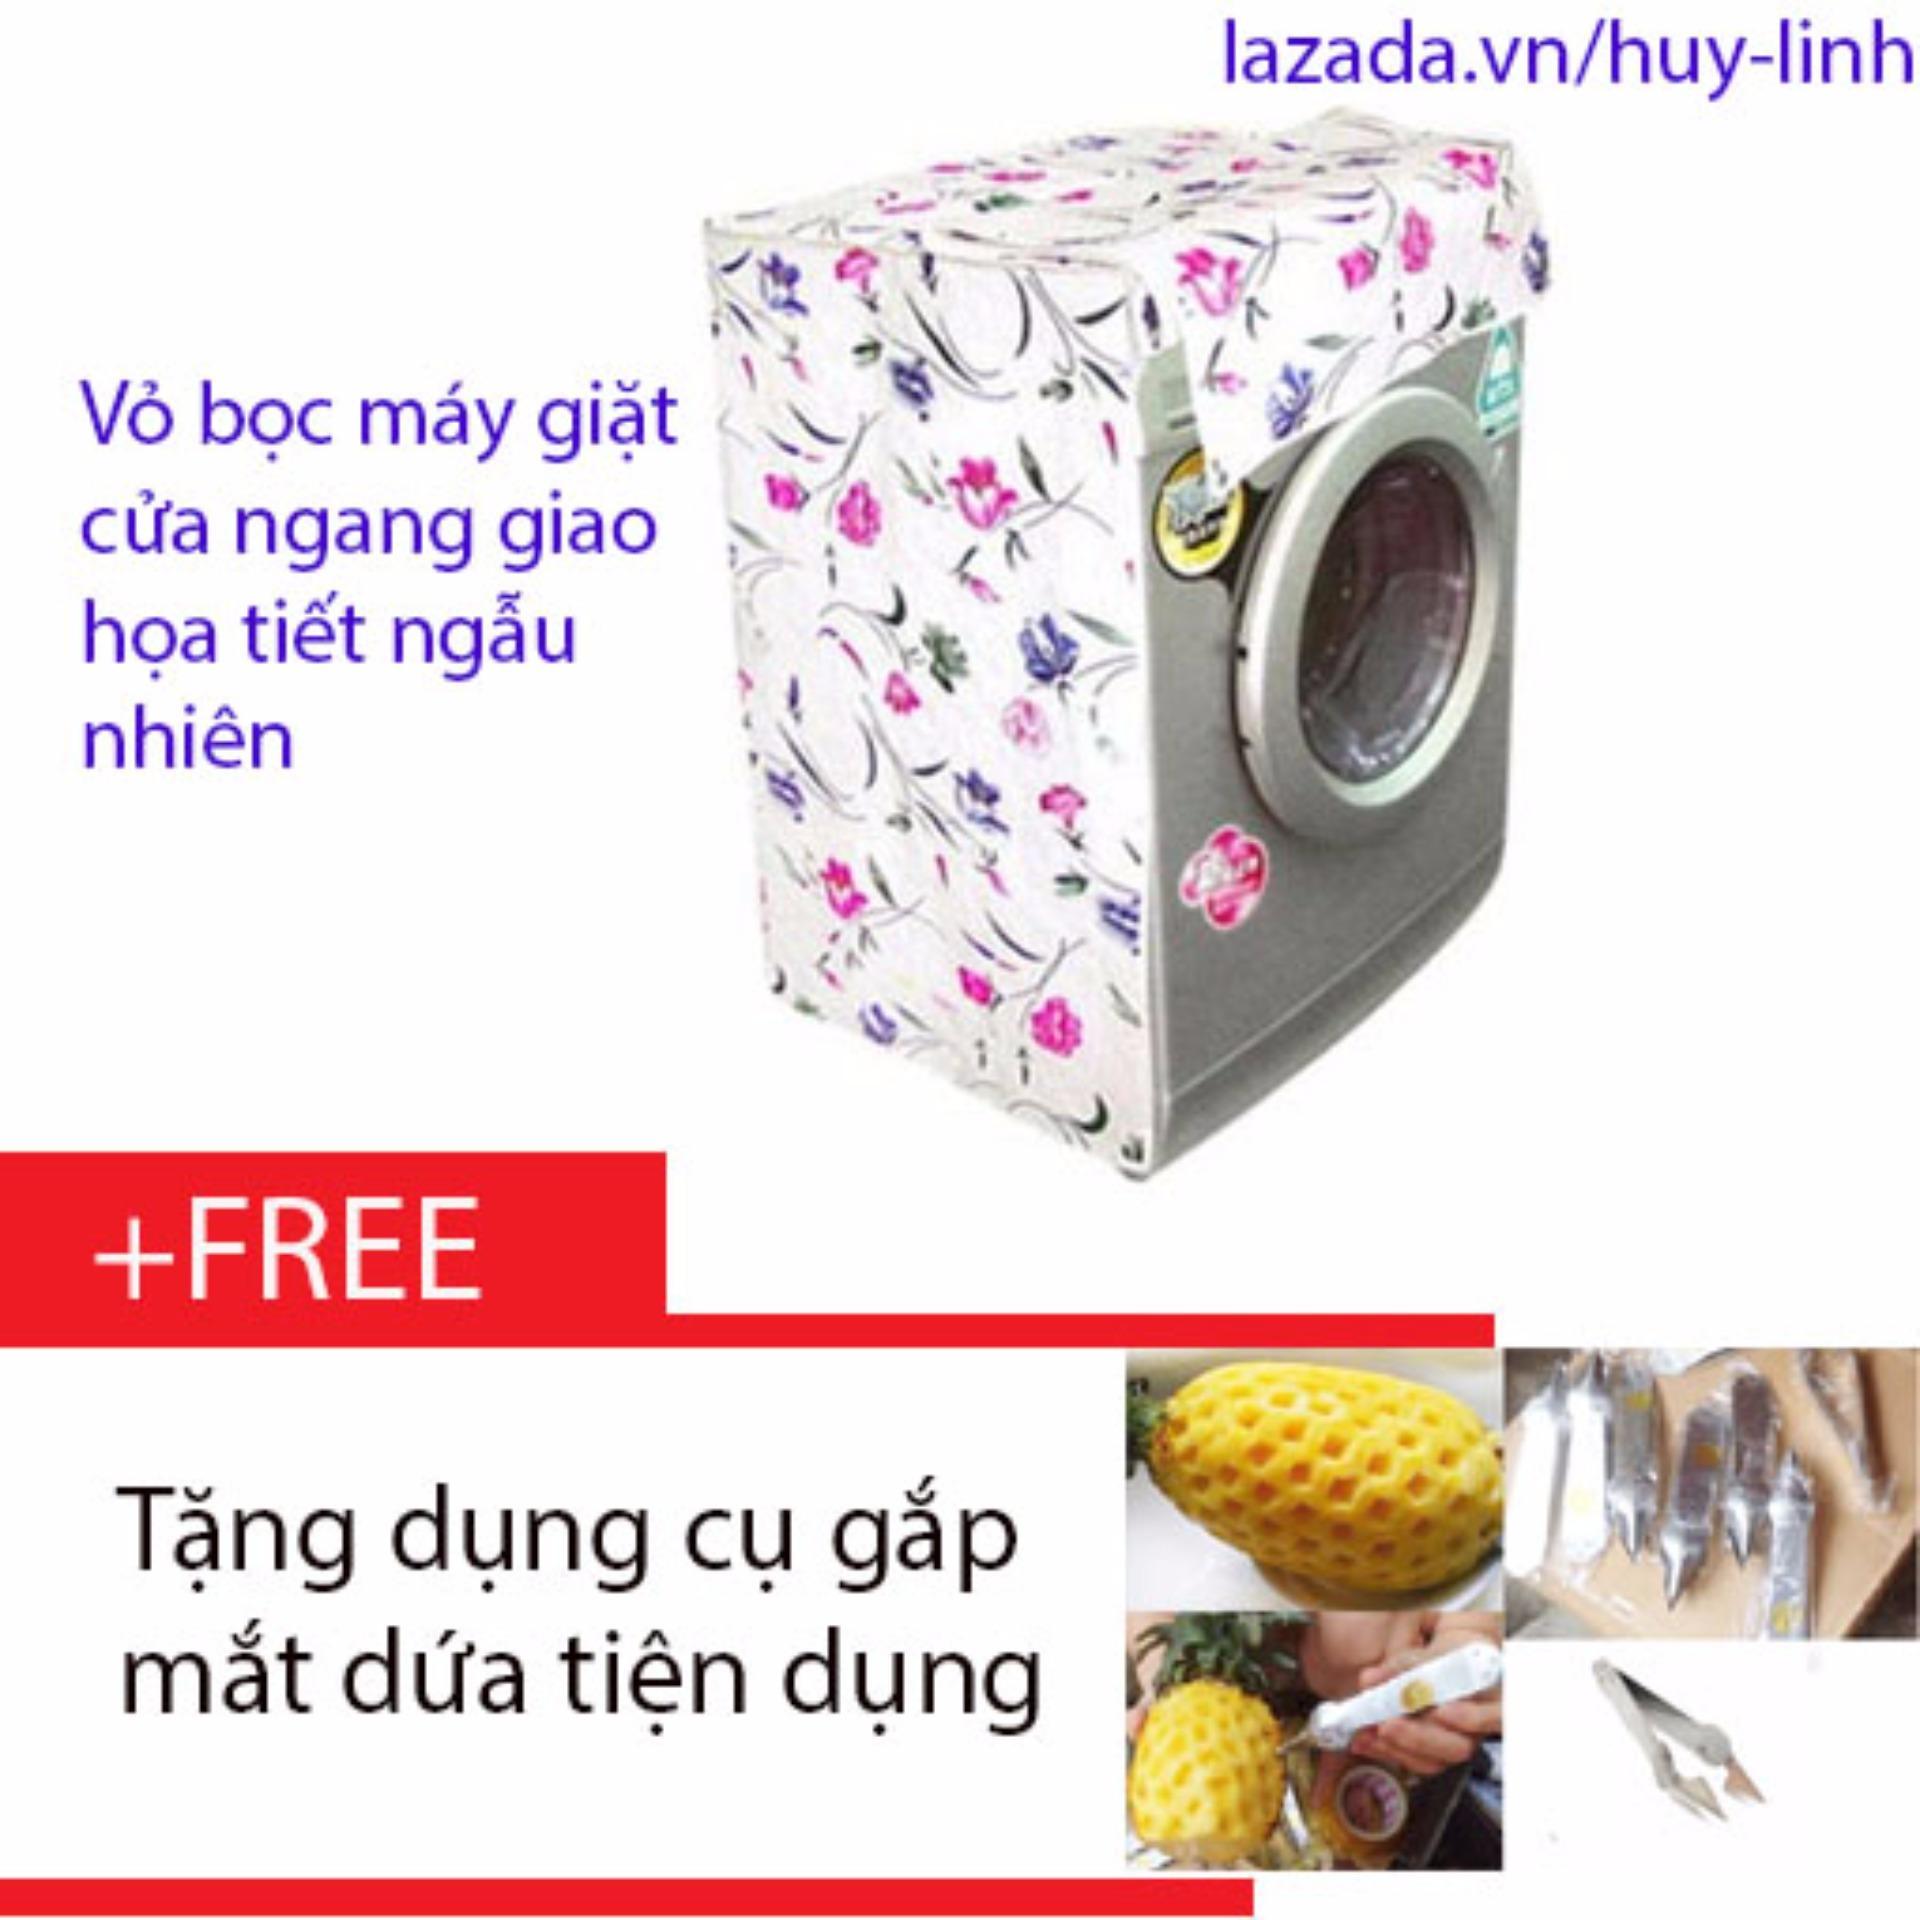 Báo Giá Vỏ bọc máy giặt cửa đứng cỡ nhỏ màu sắc ngẫu nhiên cho máy giặt giao họa tiết ngẫu nhiên + Tặng dụng cụ gắp mắt dứa